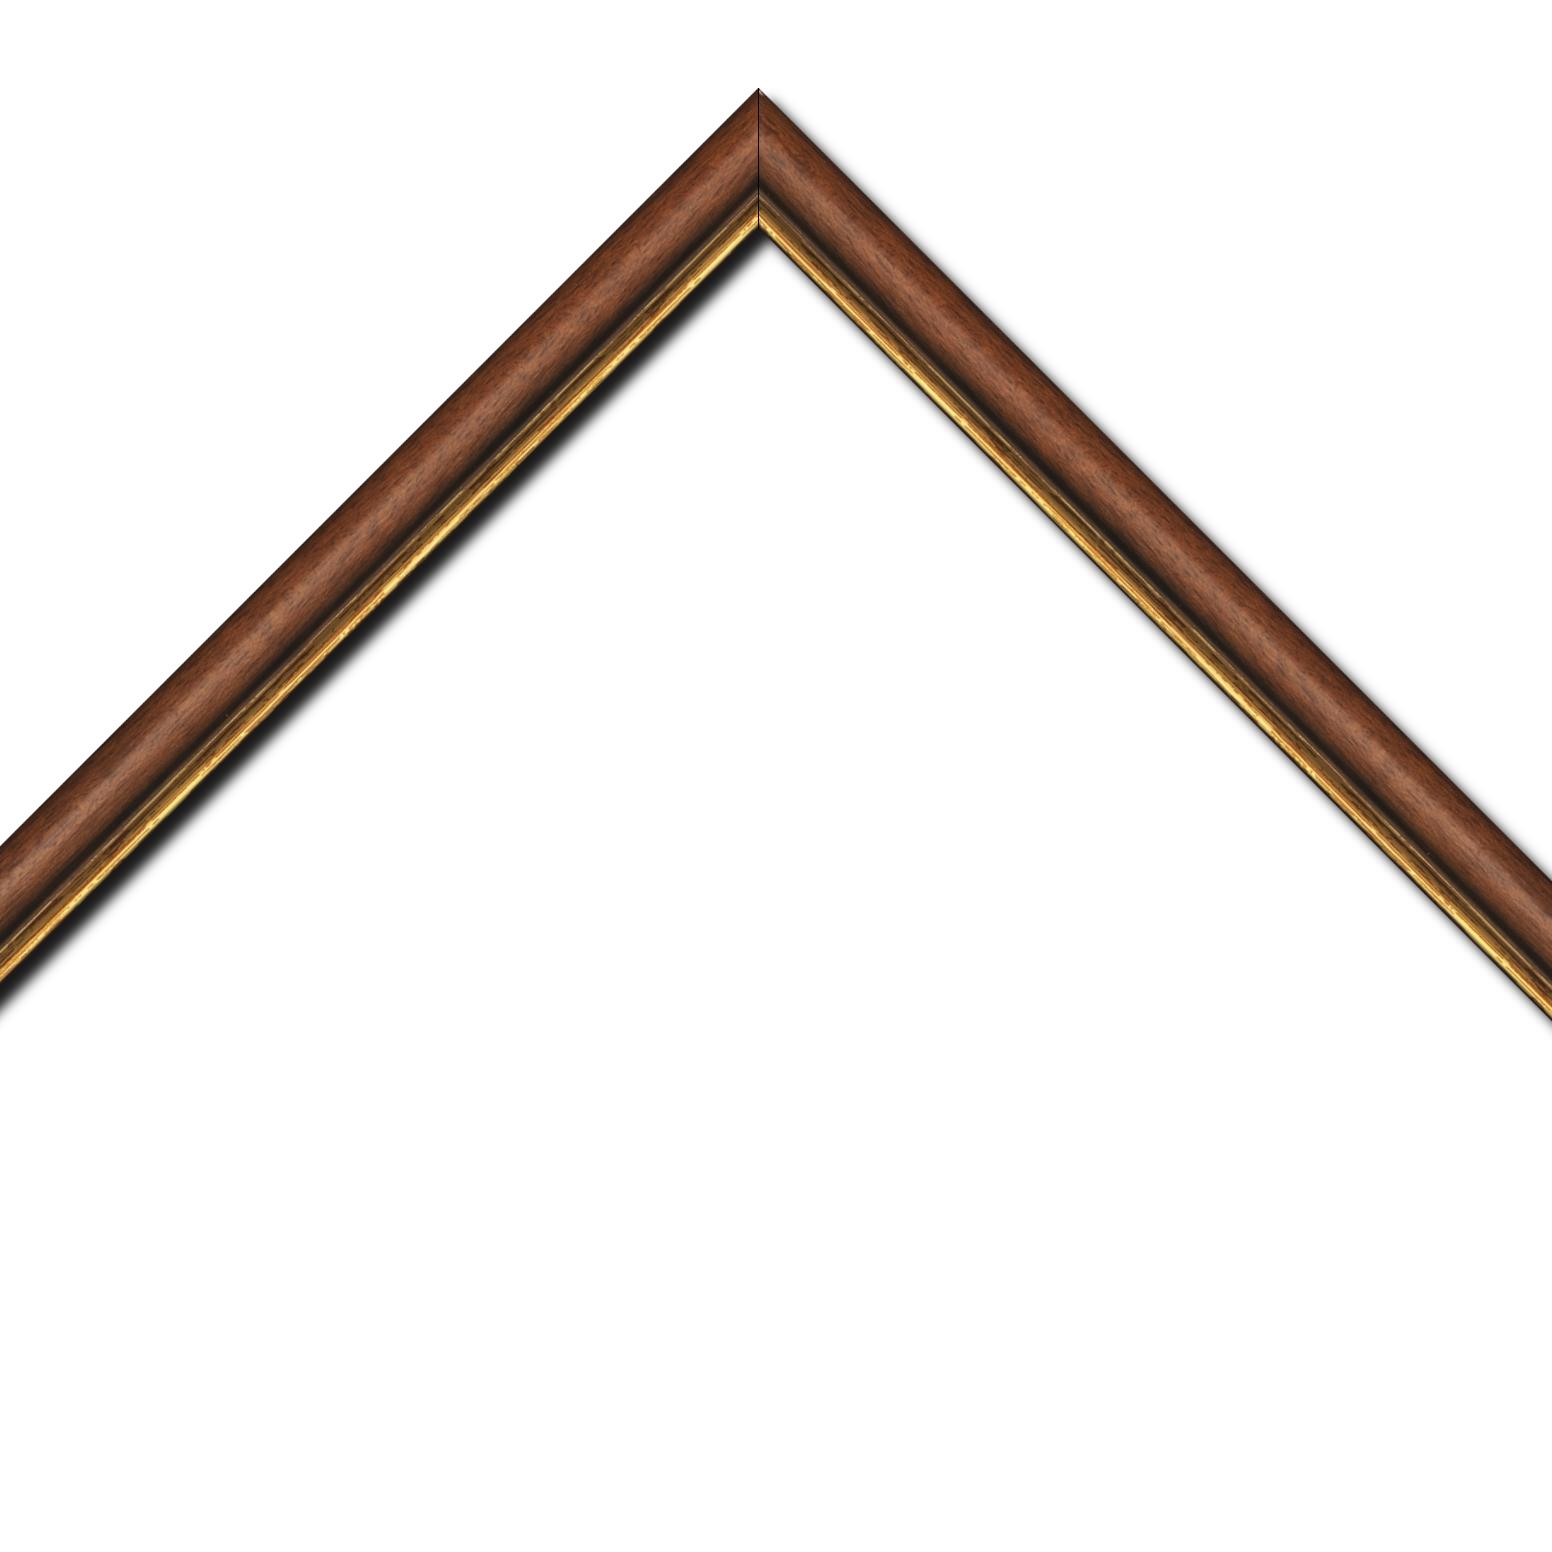 Baguette bois profil arrondi largeur 2.4cm couleur marron rustique filet or